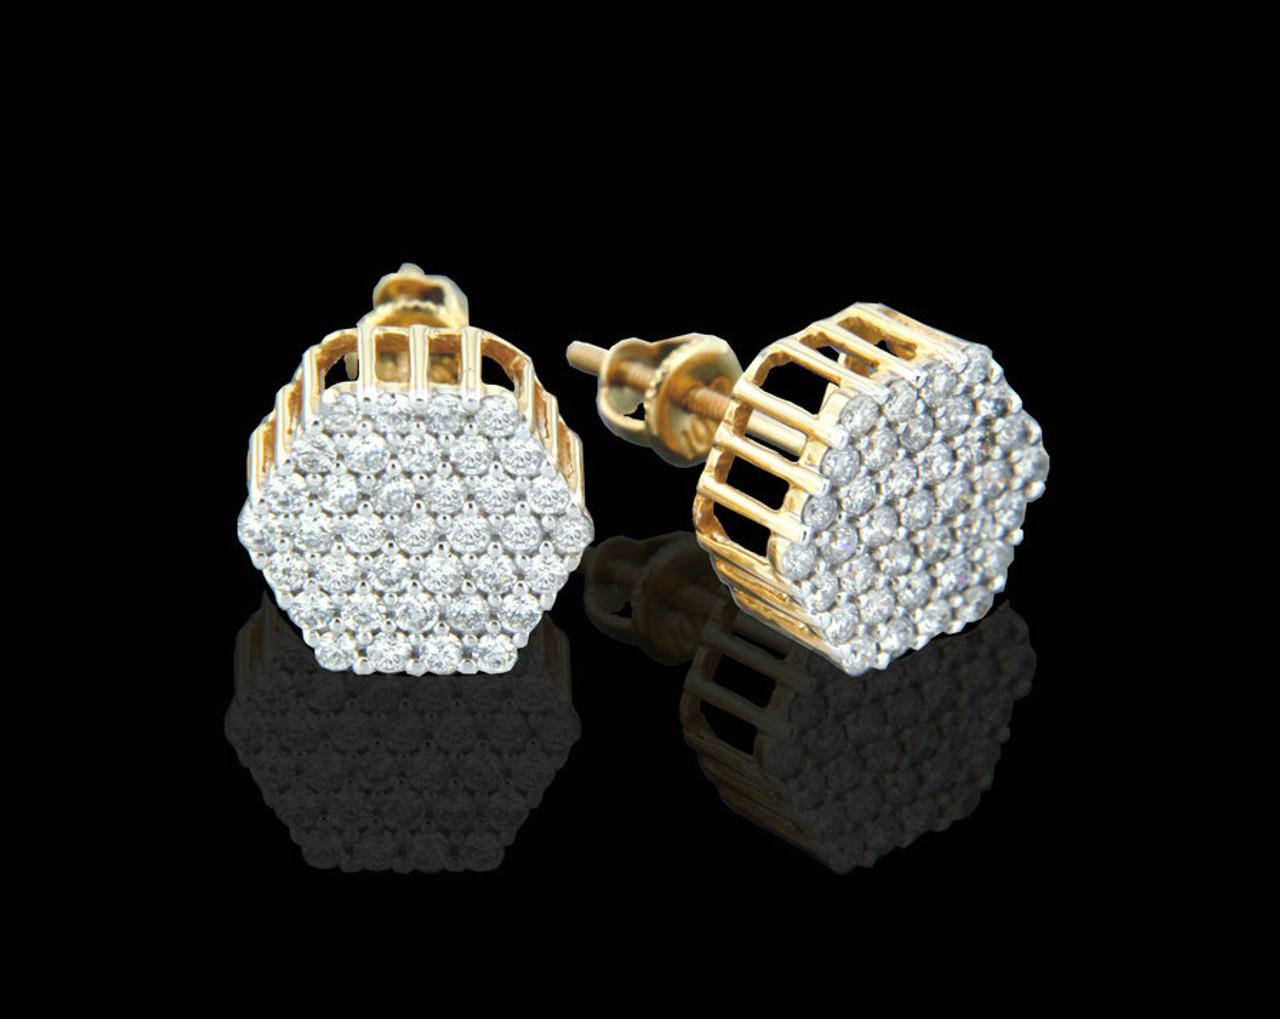 10k Gold 1 00ct Diamonds Earrings